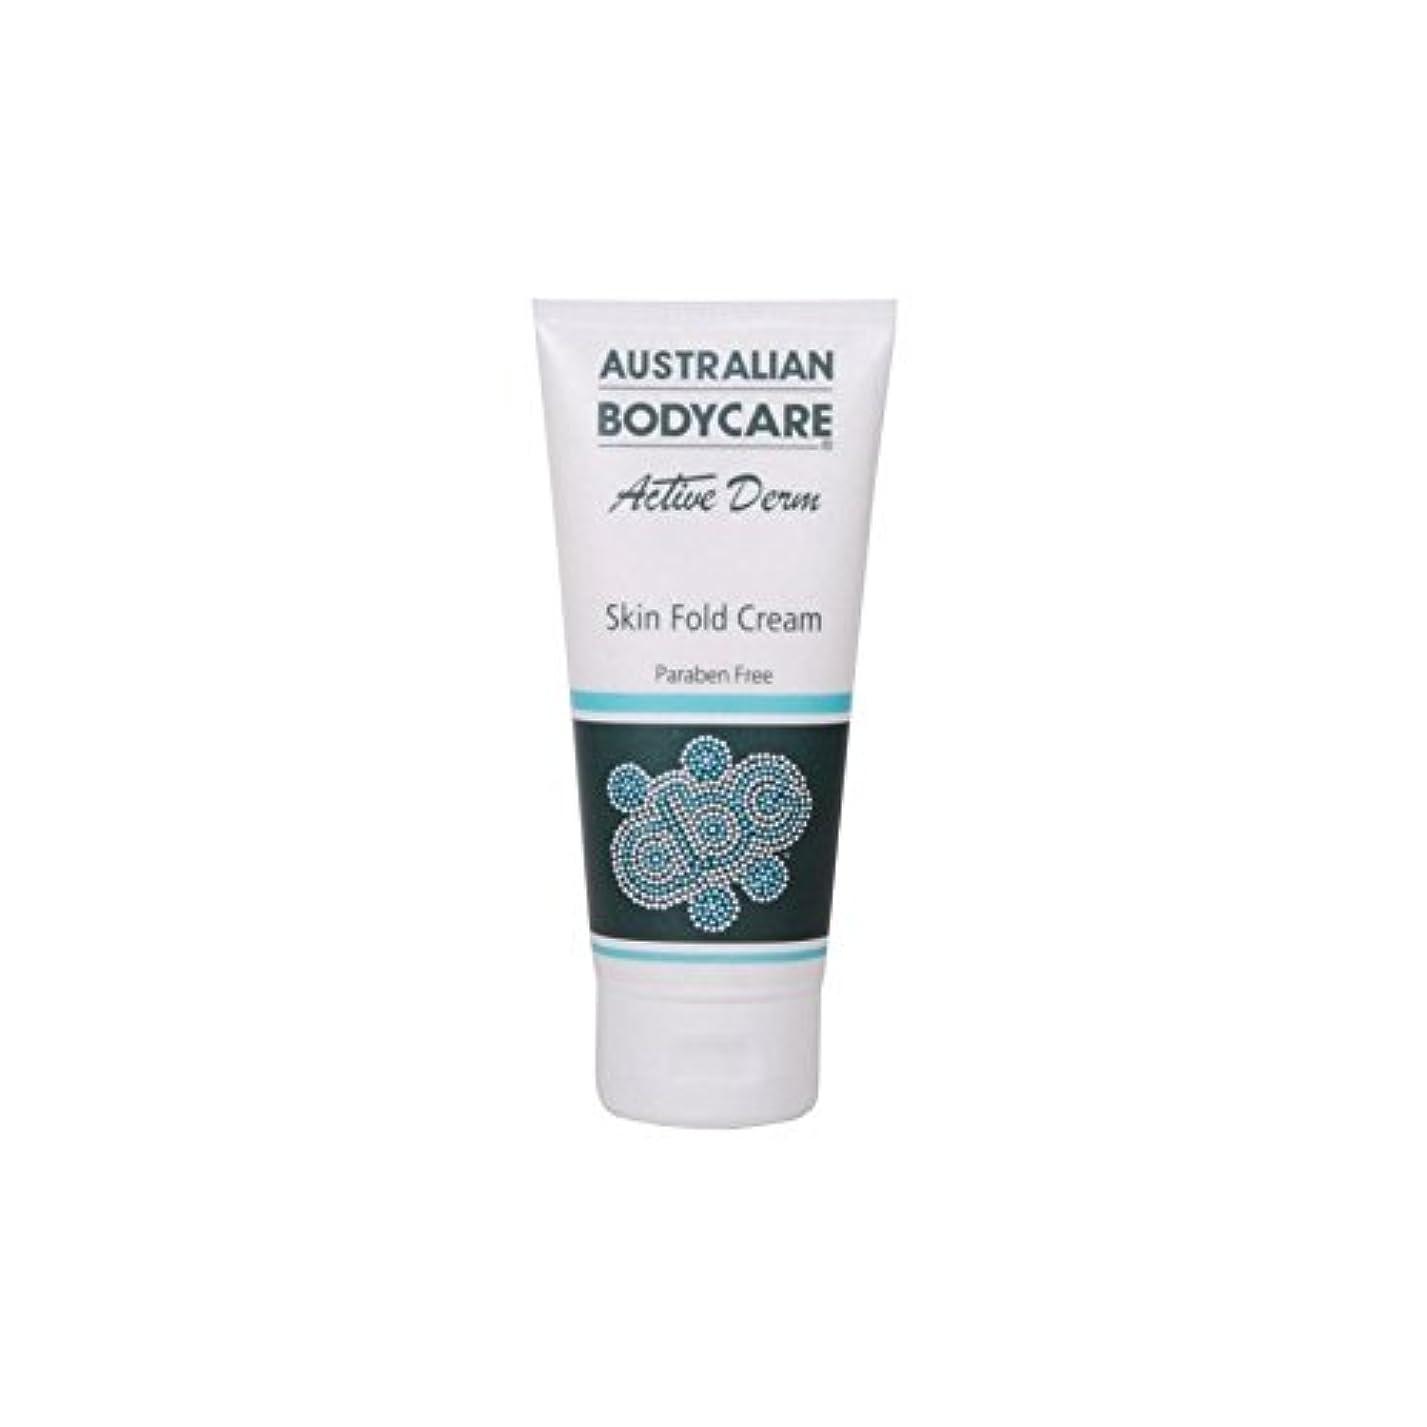 アコードロール戻るAustralian Bodycare Active Derm Skin Fold Cream (100ml) (Pack of 6) - オーストラリアのボディケアアクティブダーム皮膚のひだクリーム(100ミリリットル...